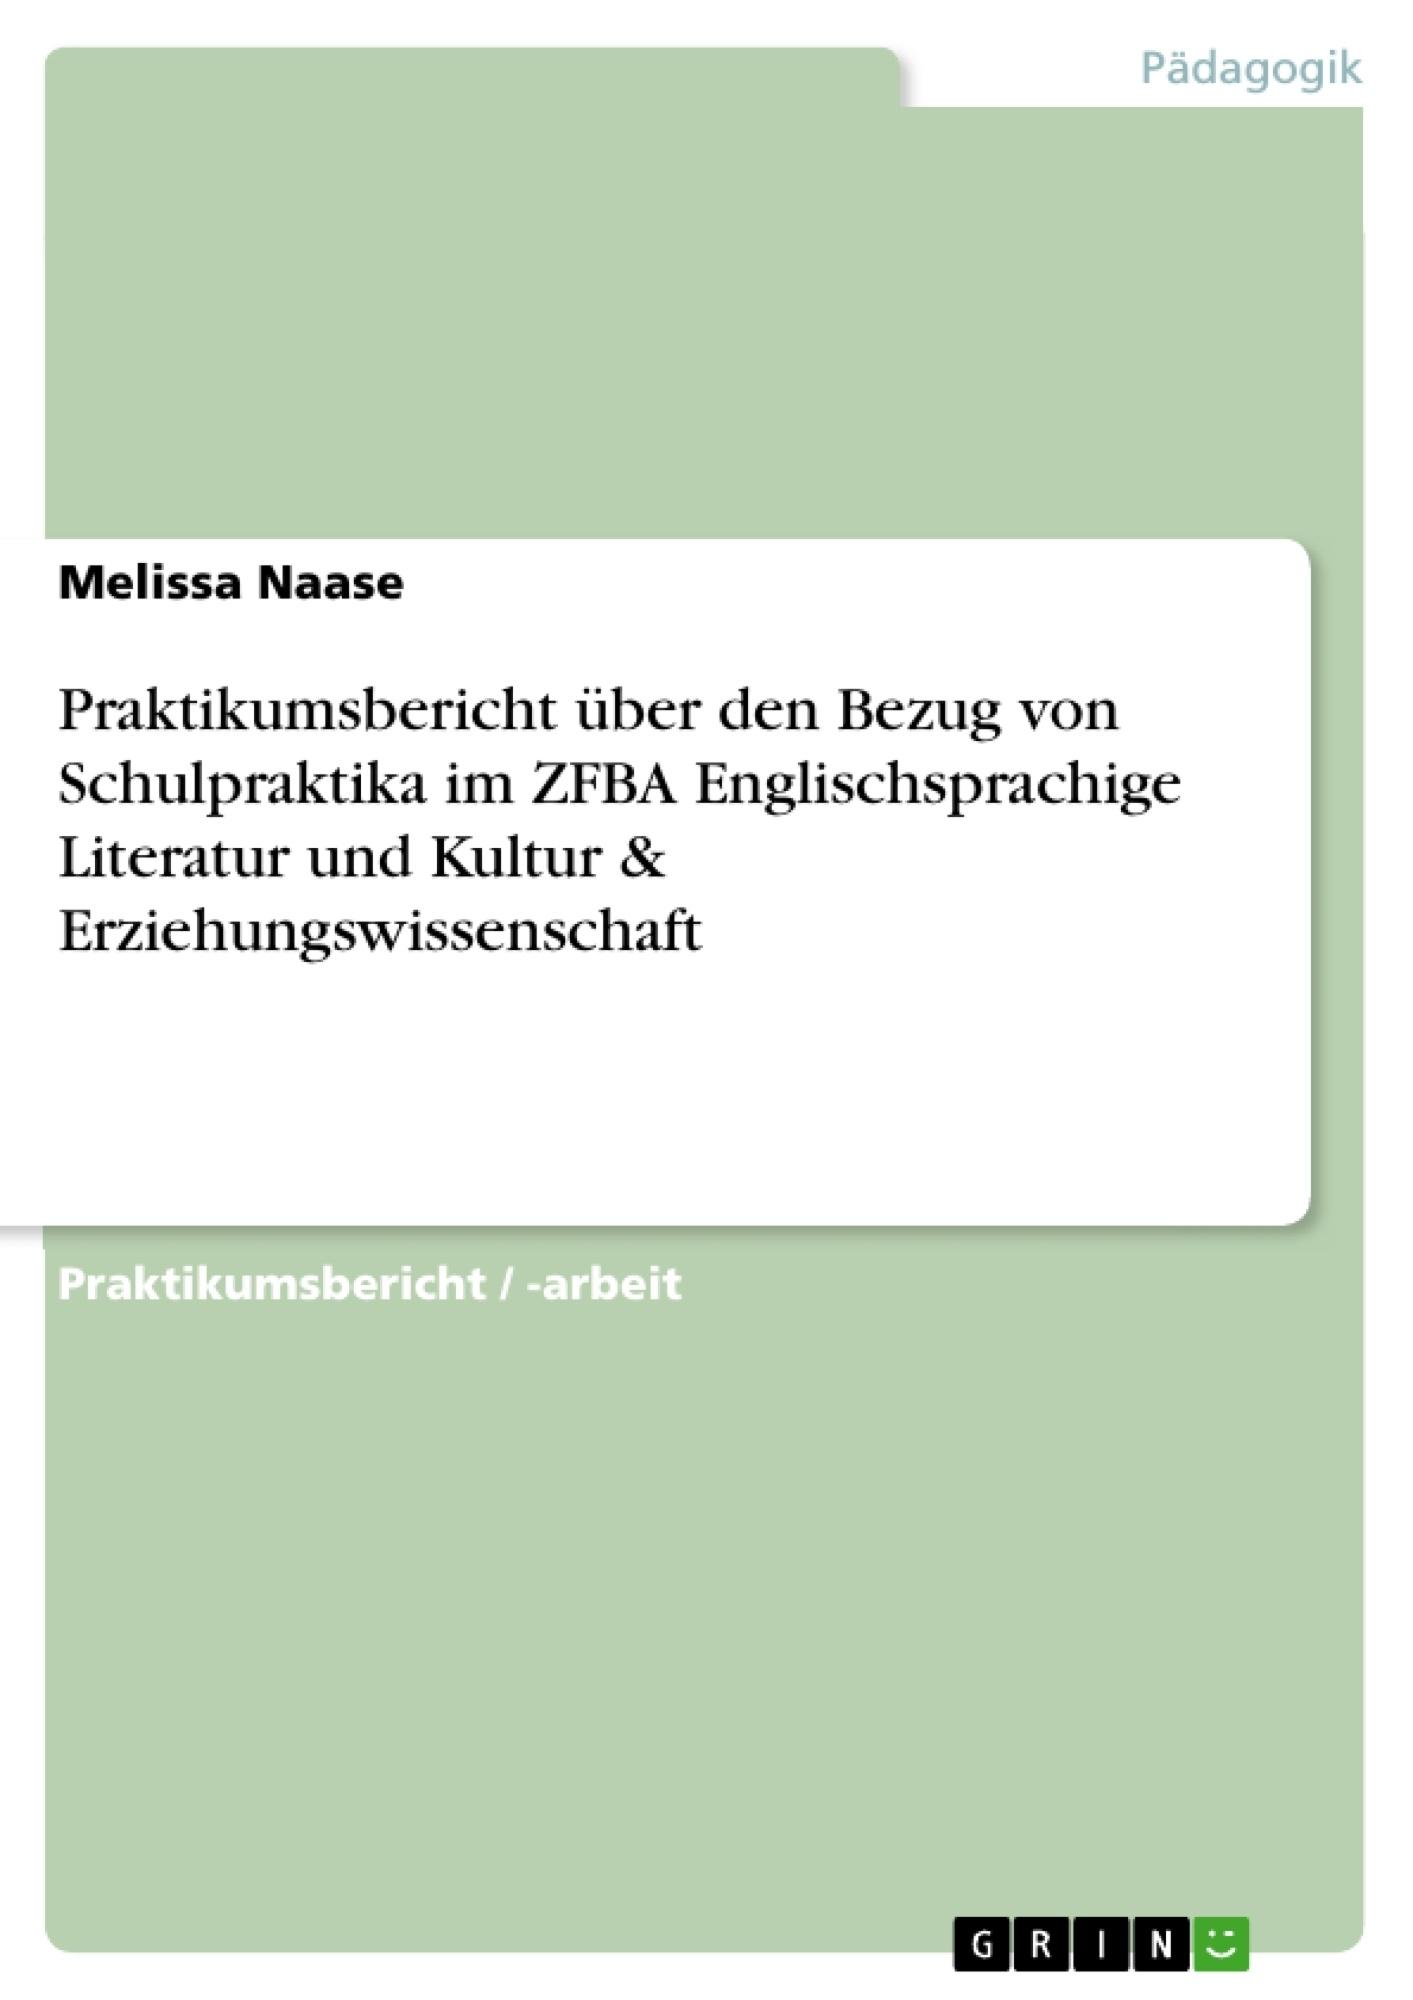 Titel: Praktikumsbericht über den Bezug von Schulpraktika im ZFBA Englischsprachige Literatur und Kultur & Erziehungswissenschaft